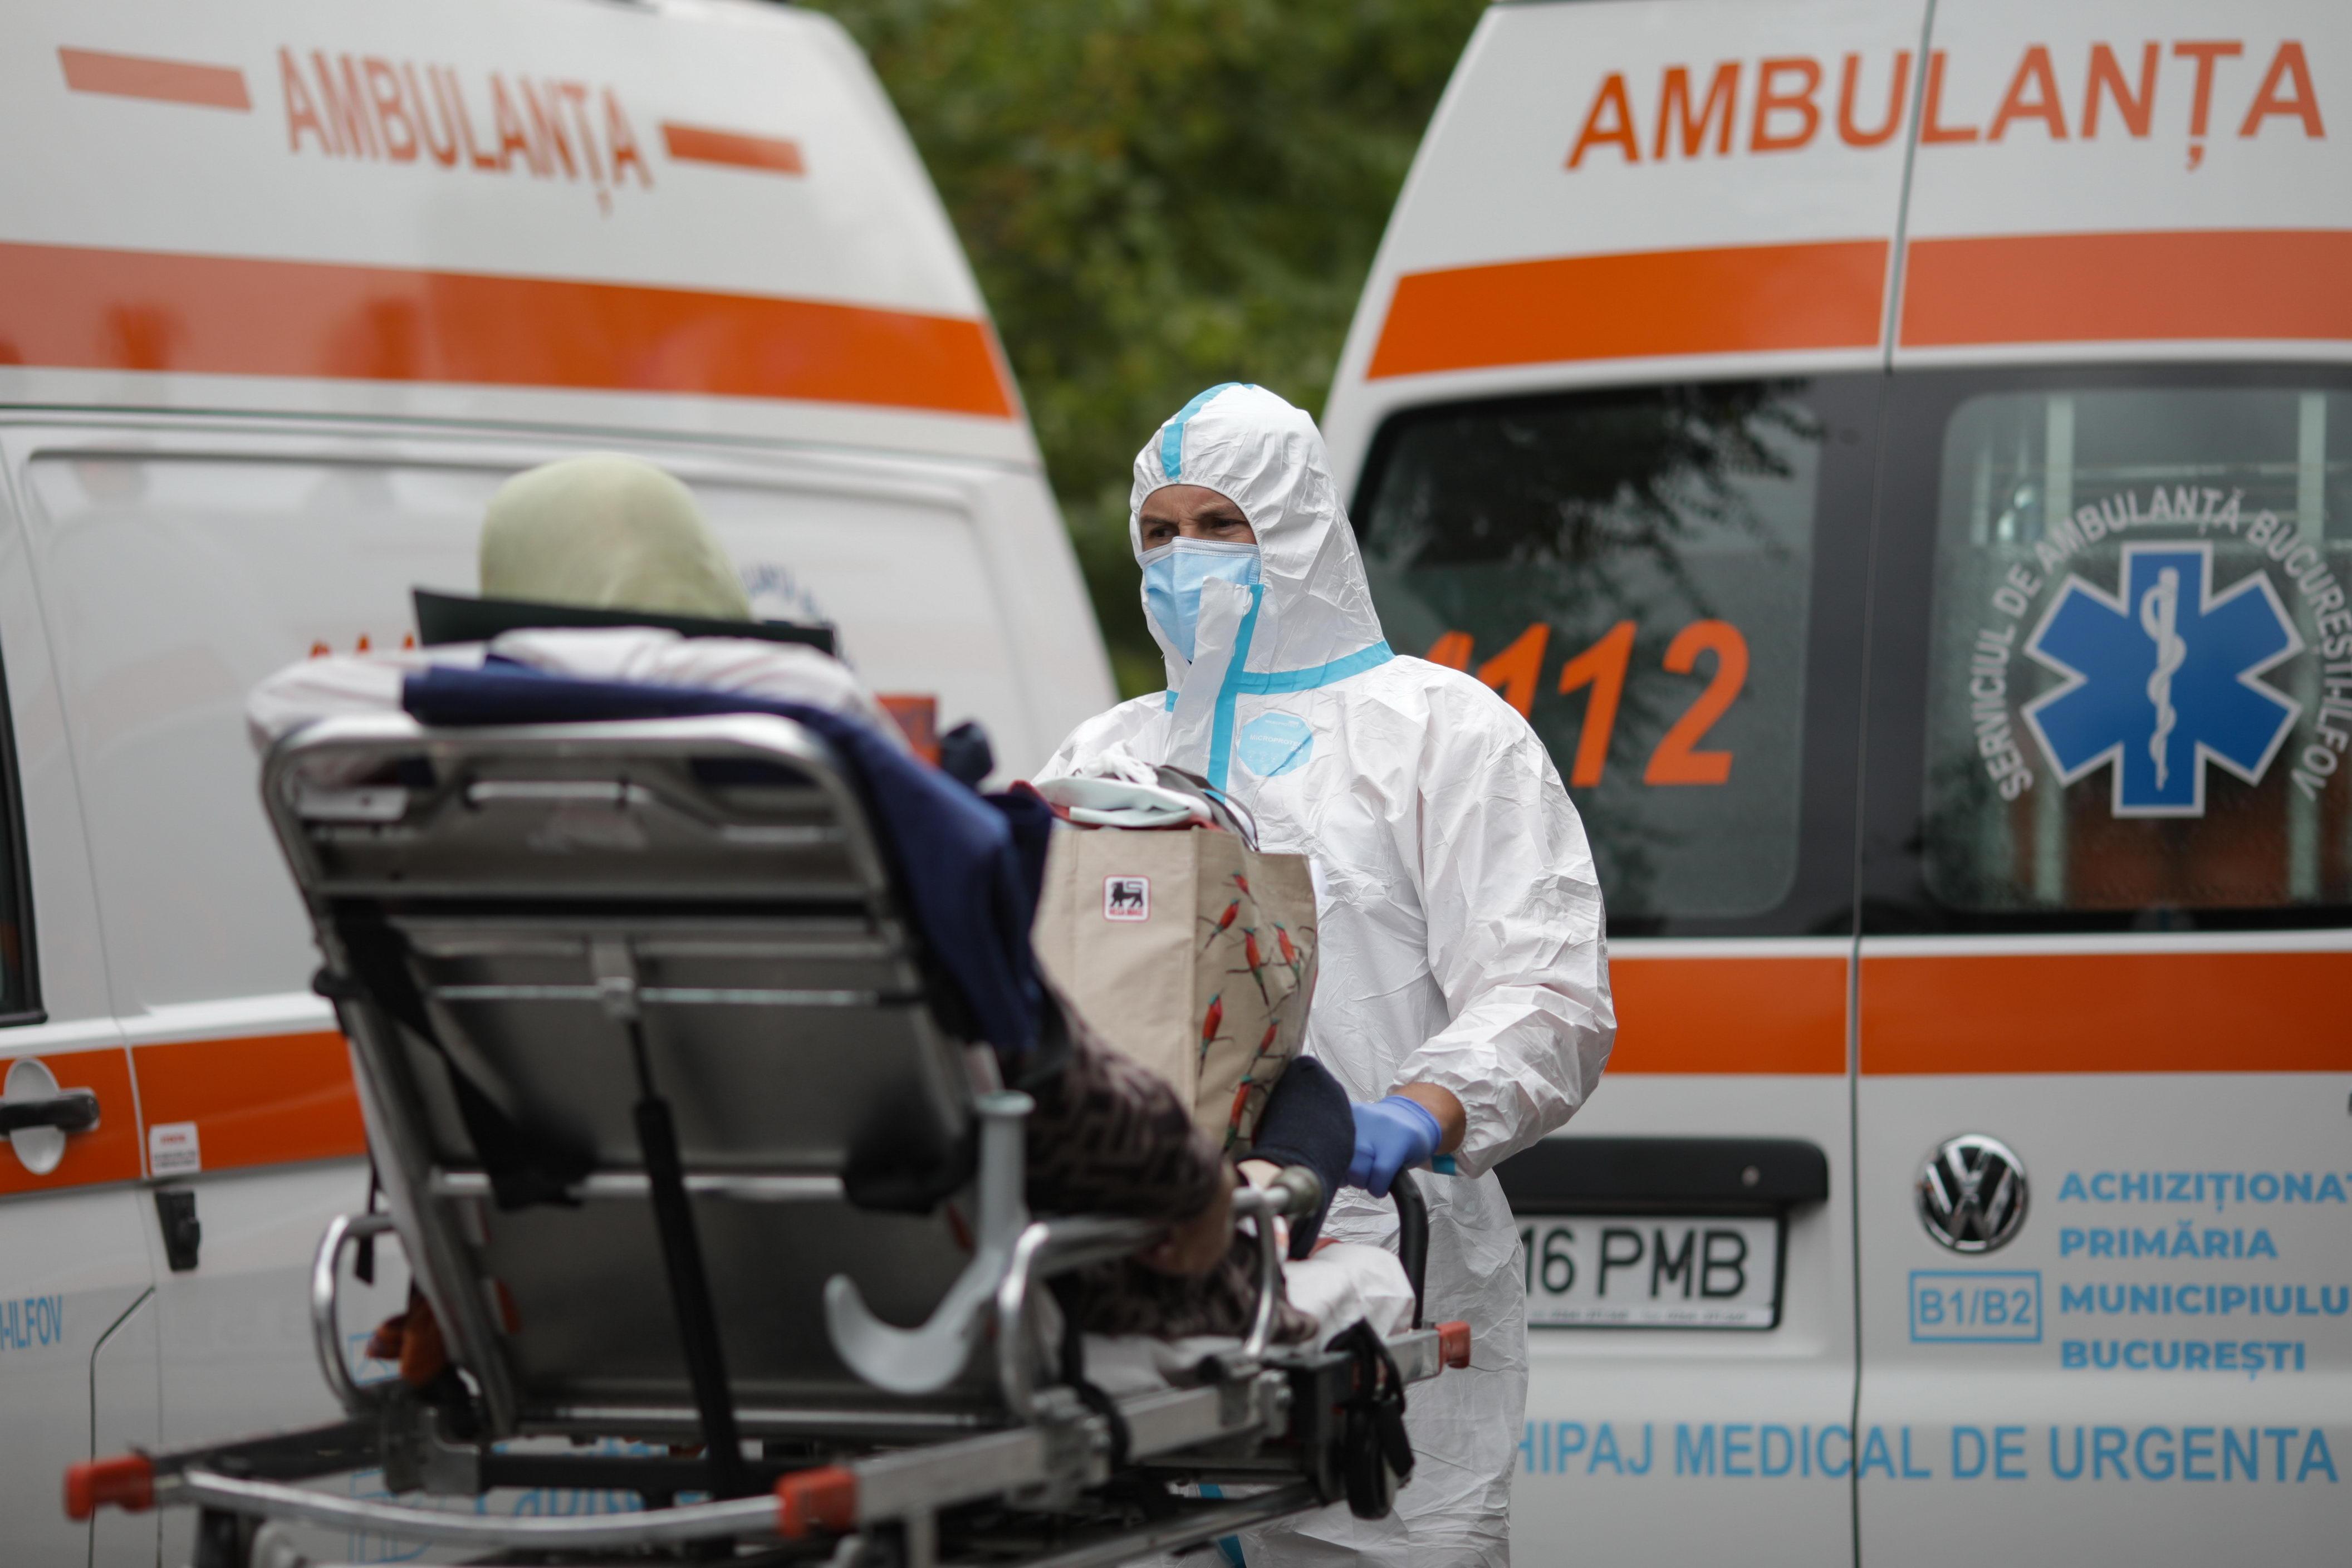 Ambulanţele private vor răspunde la 112 pentru a ajuta sectorul public în pandemia de Covid